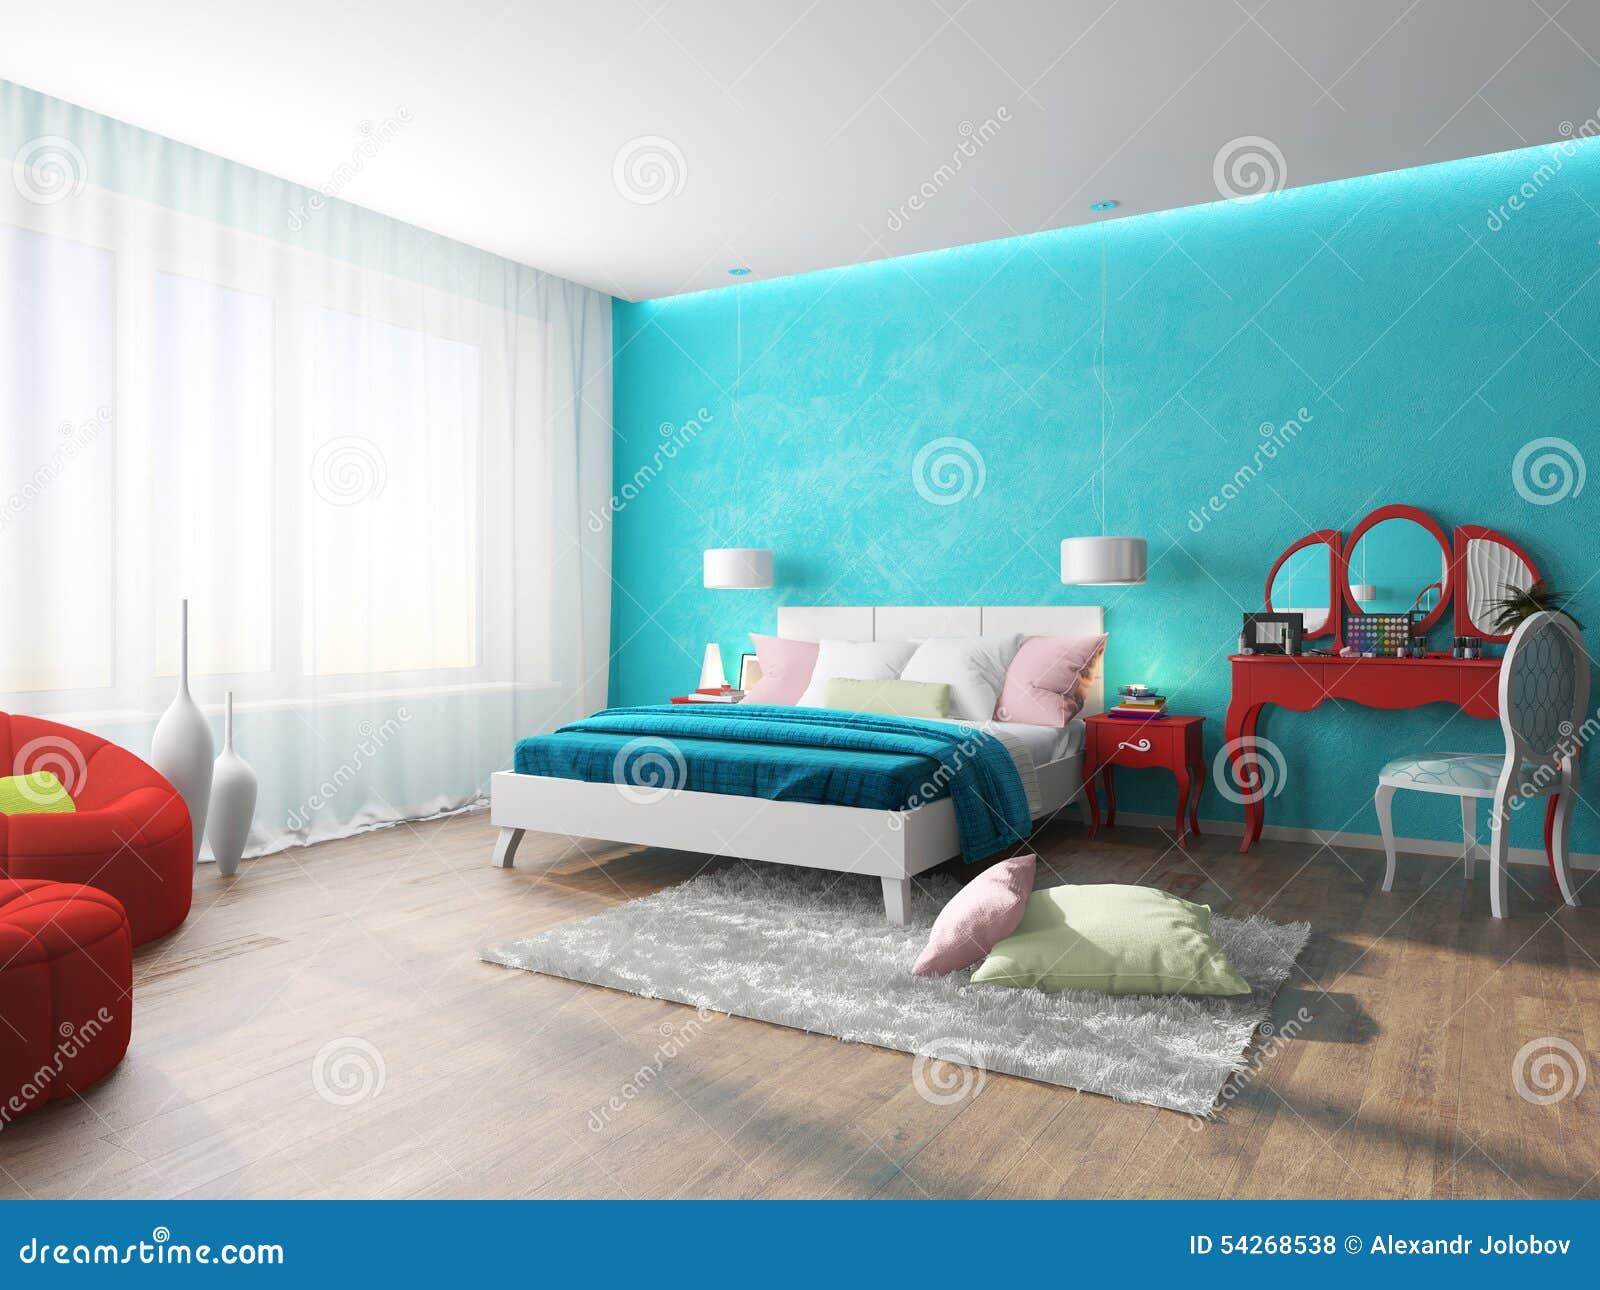 Camere Da Letto Turchese : Illustrazione dell interno della camera da letto in un turchese